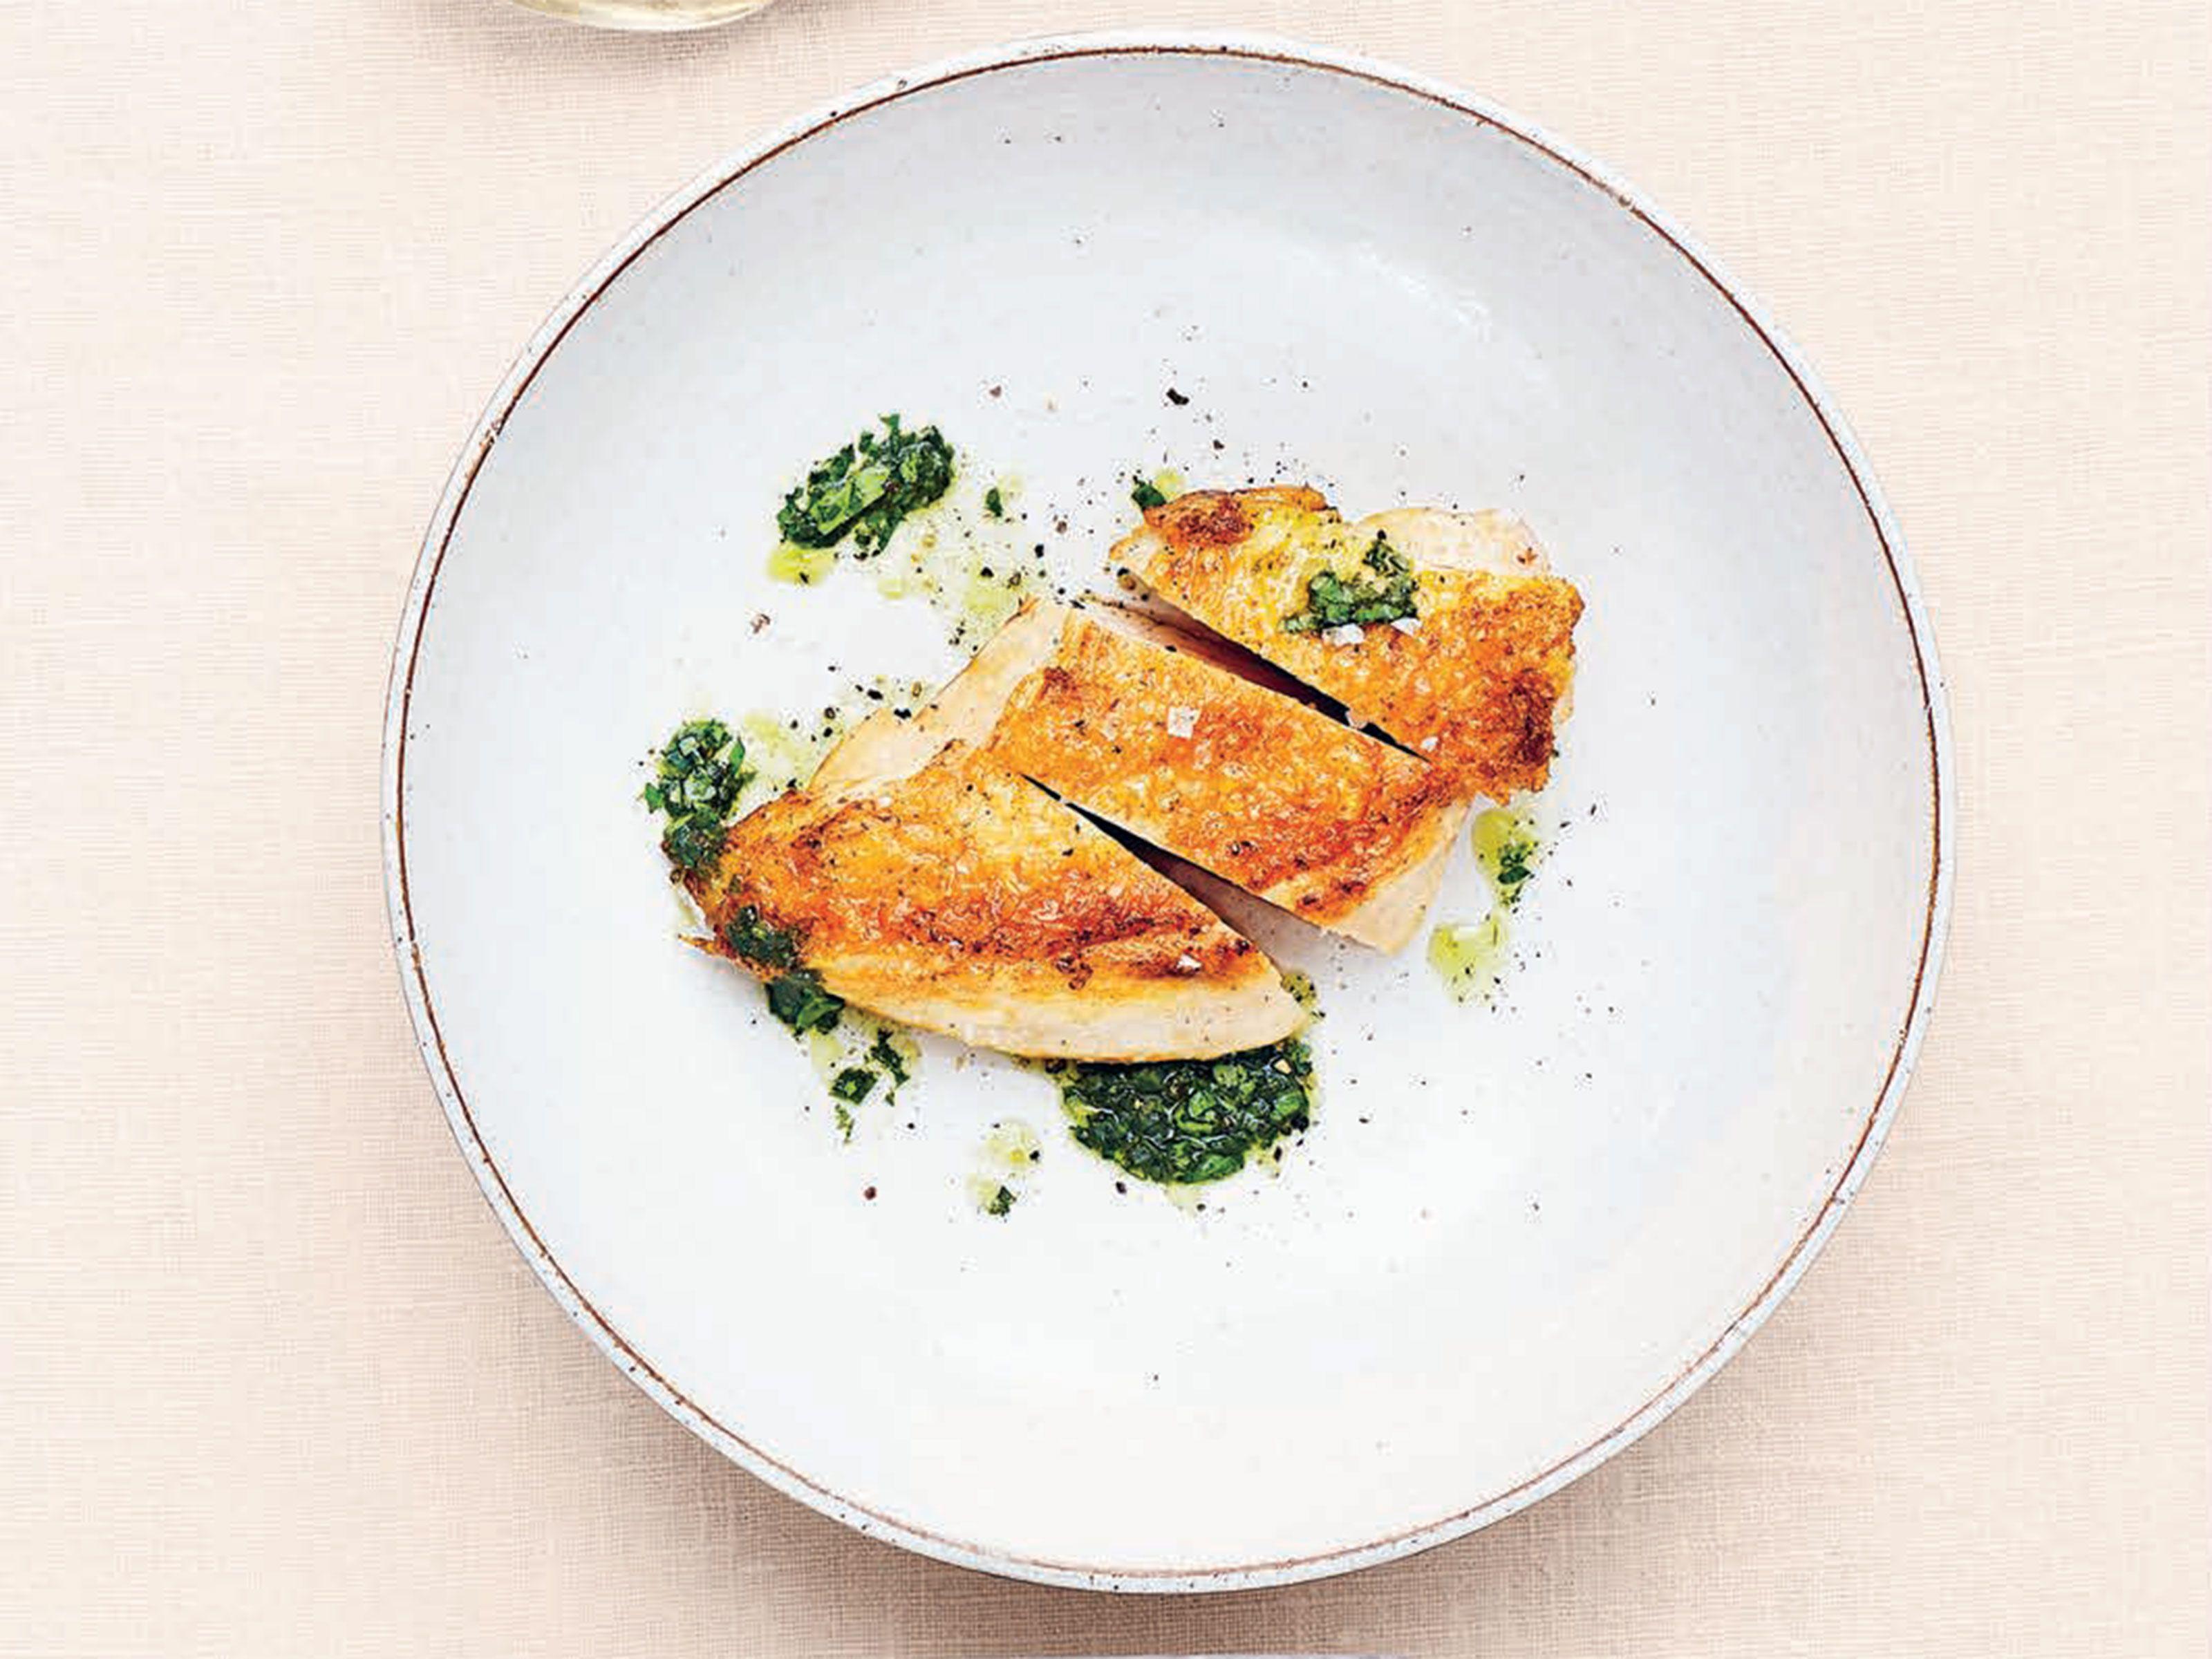 Kyckling med basilika- och citronolja samt mozzarellagratinerad broccoli och tomat | Recept från Köket.se